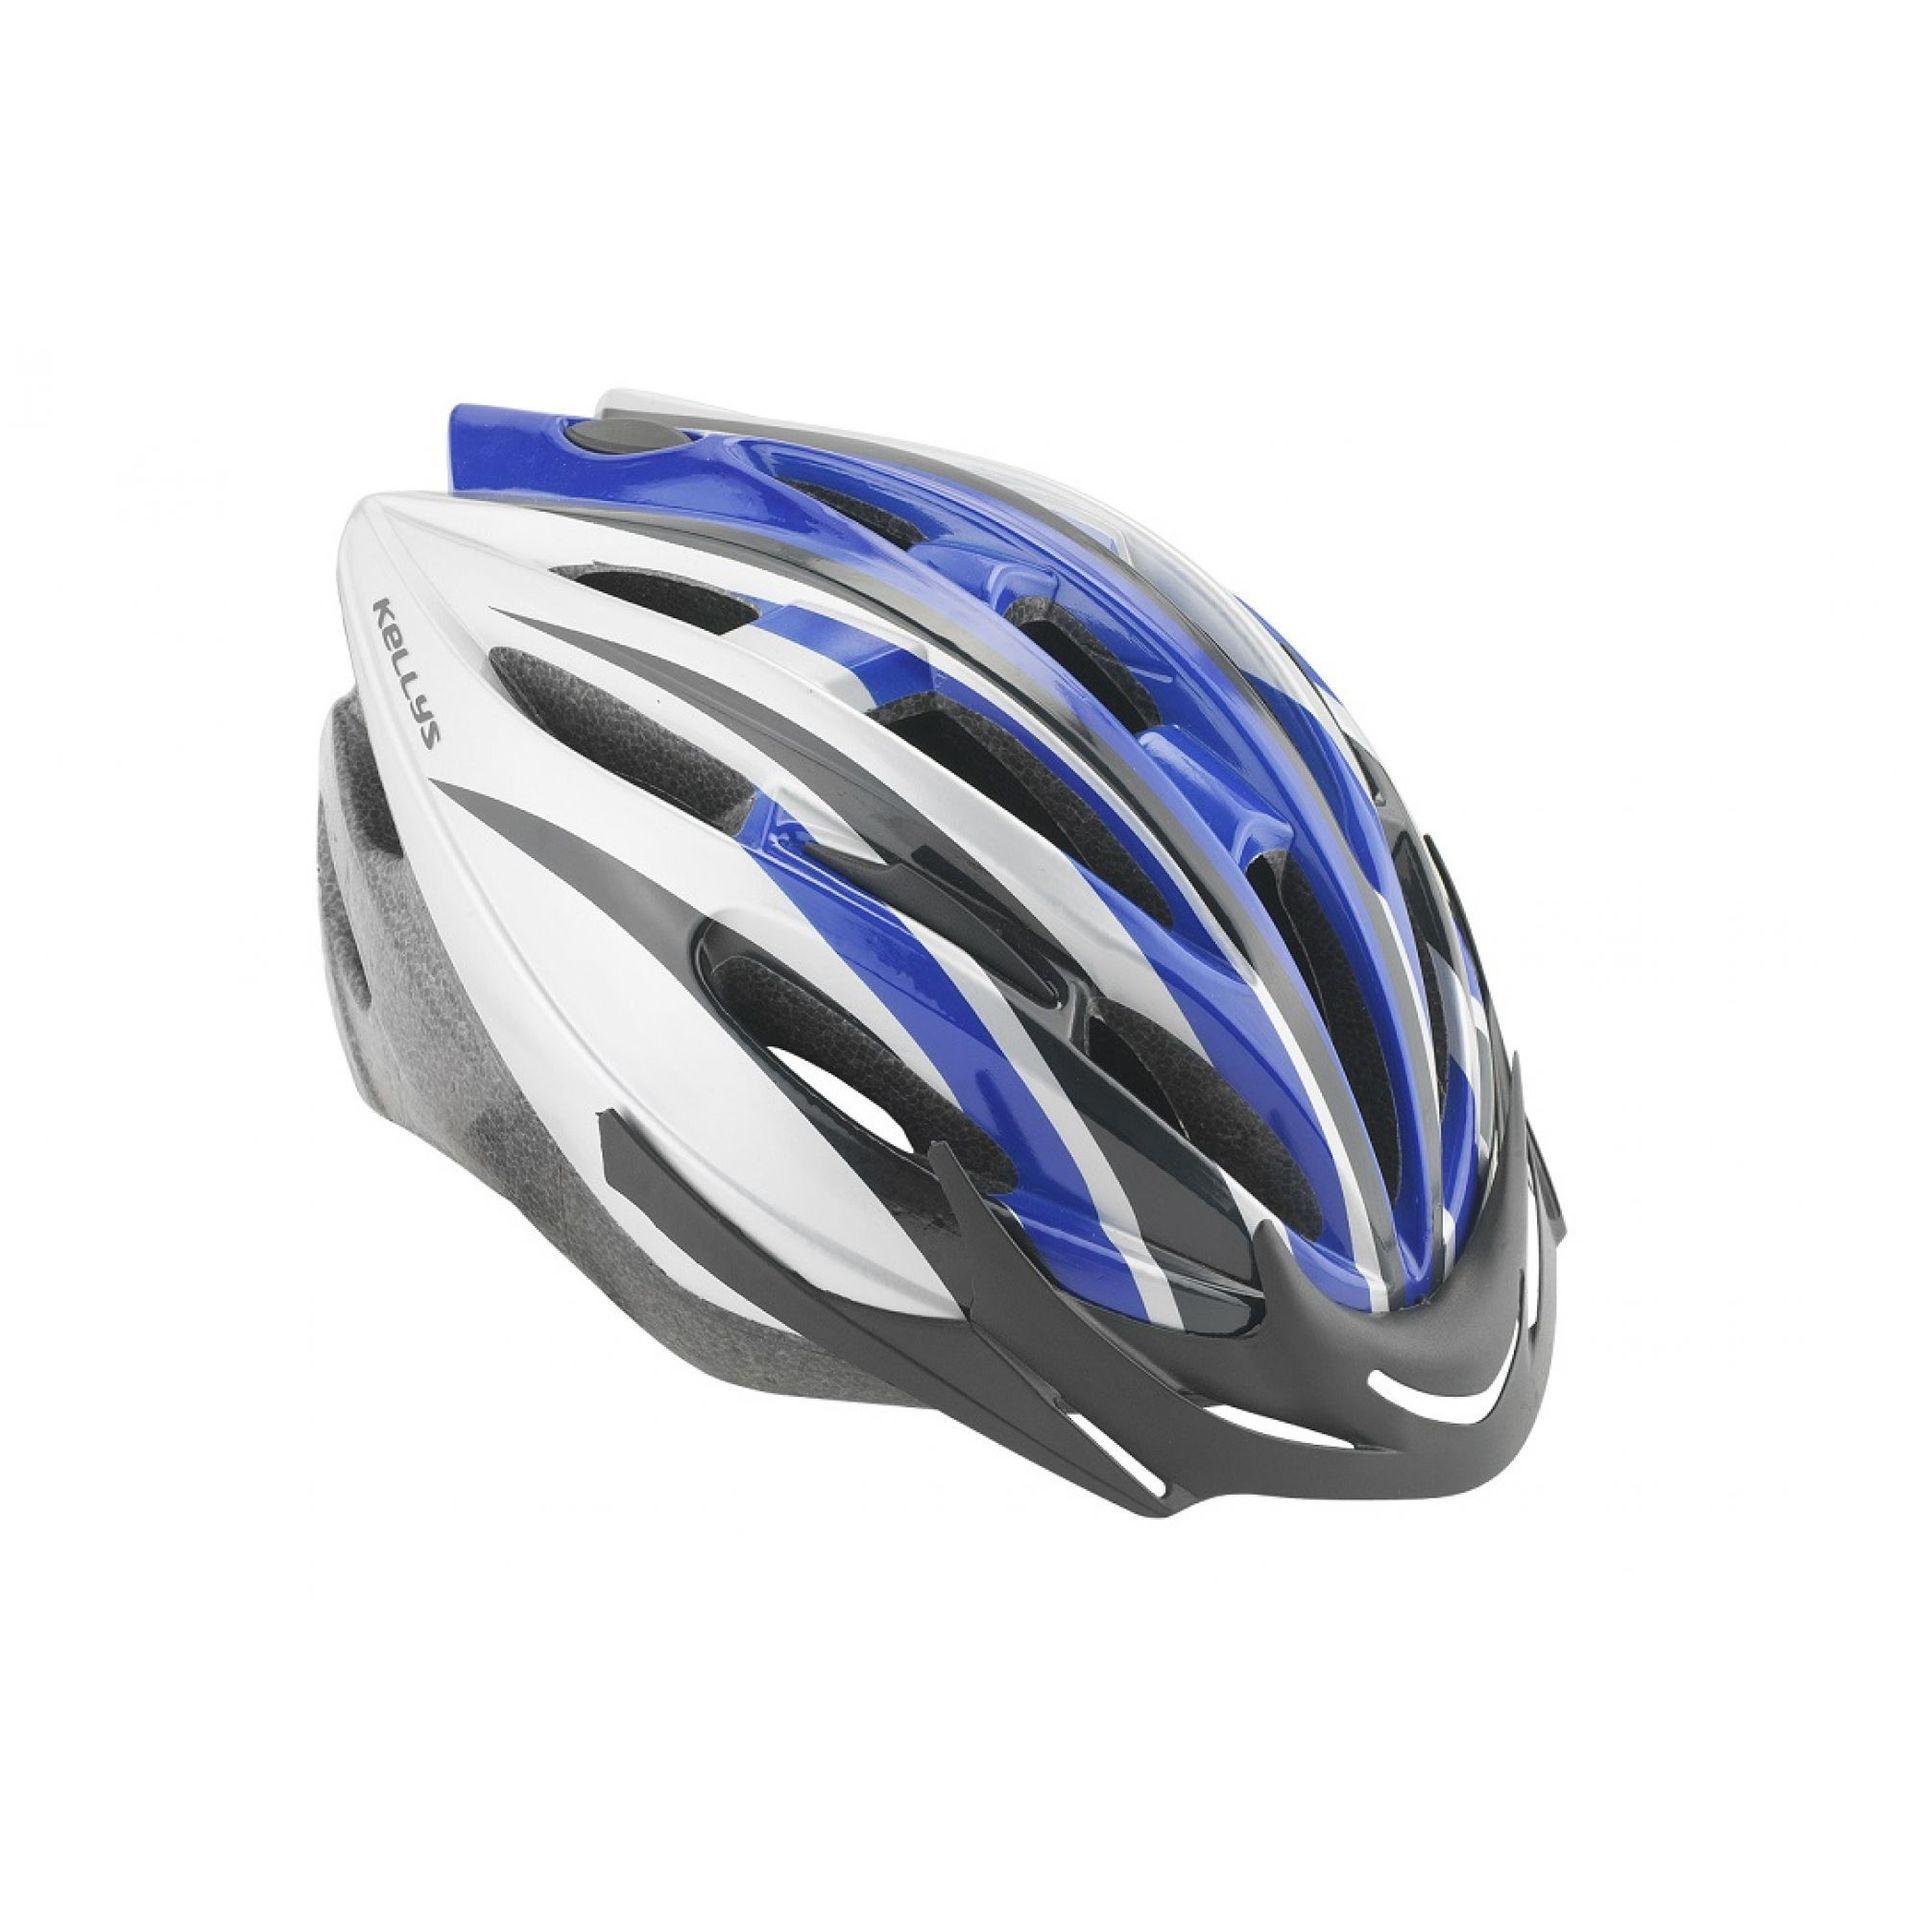 Kask rowerowy Kellys Access niebieski